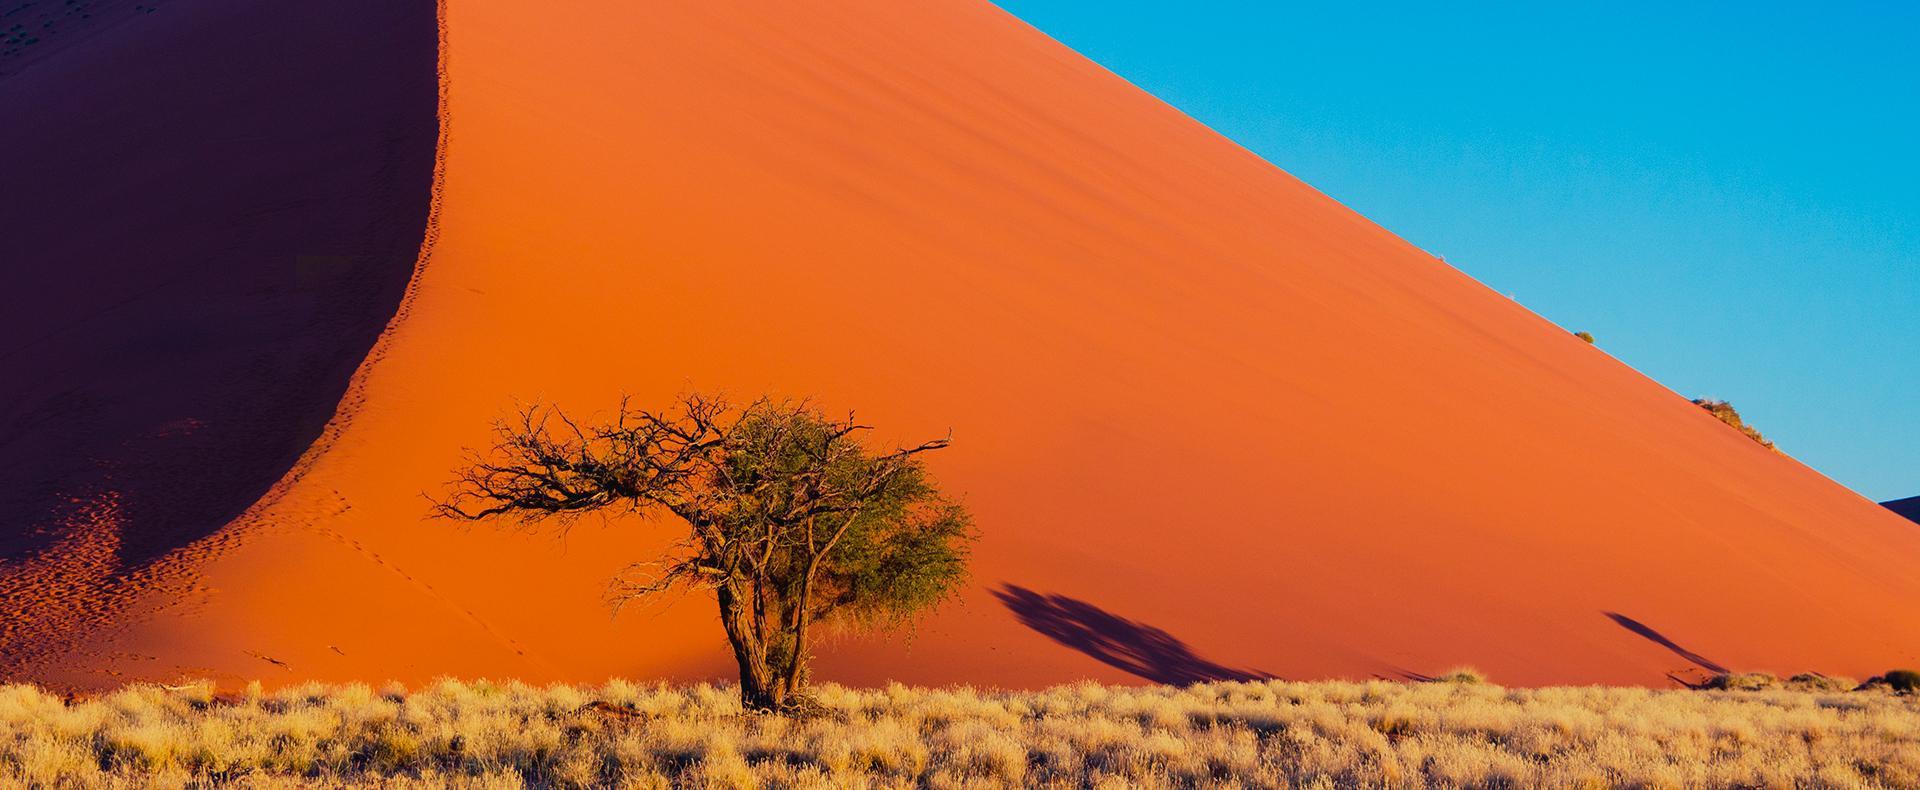 Désert et safari en terre préservée